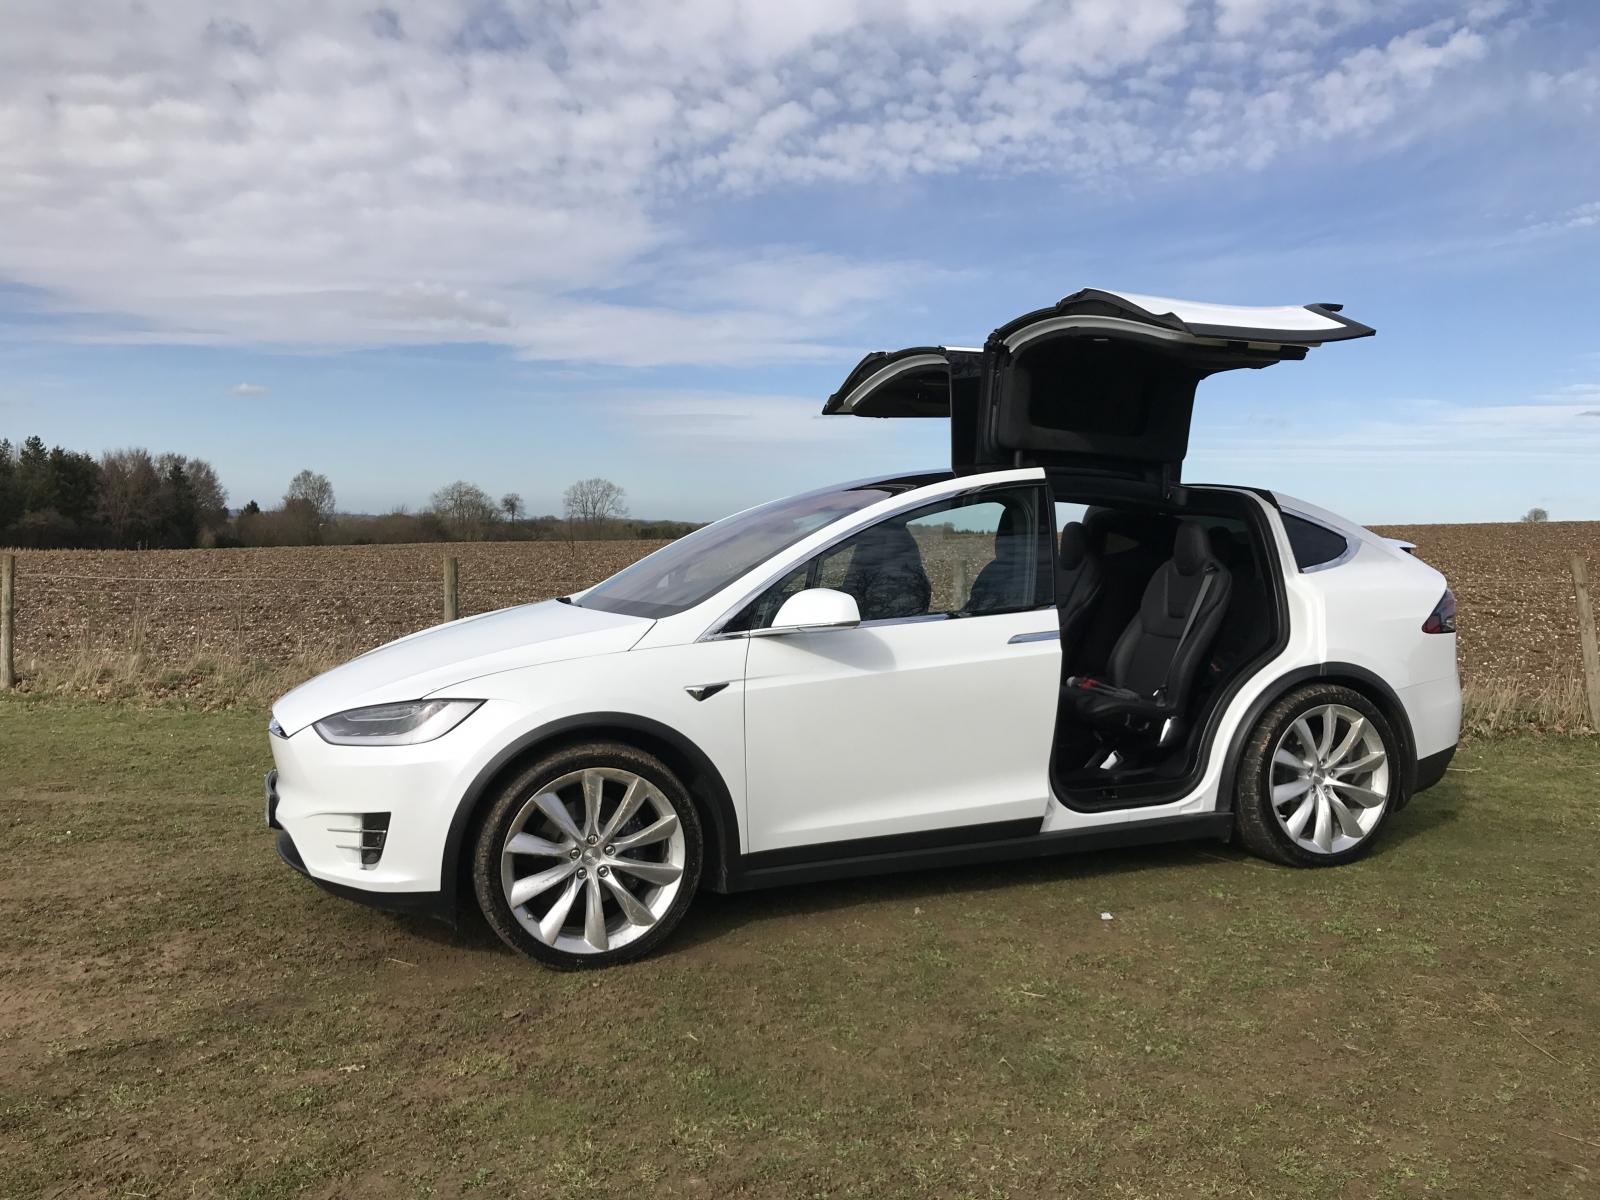 tesla recalls 53 000 model s and model x cars over faulty parking brake. Black Bedroom Furniture Sets. Home Design Ideas